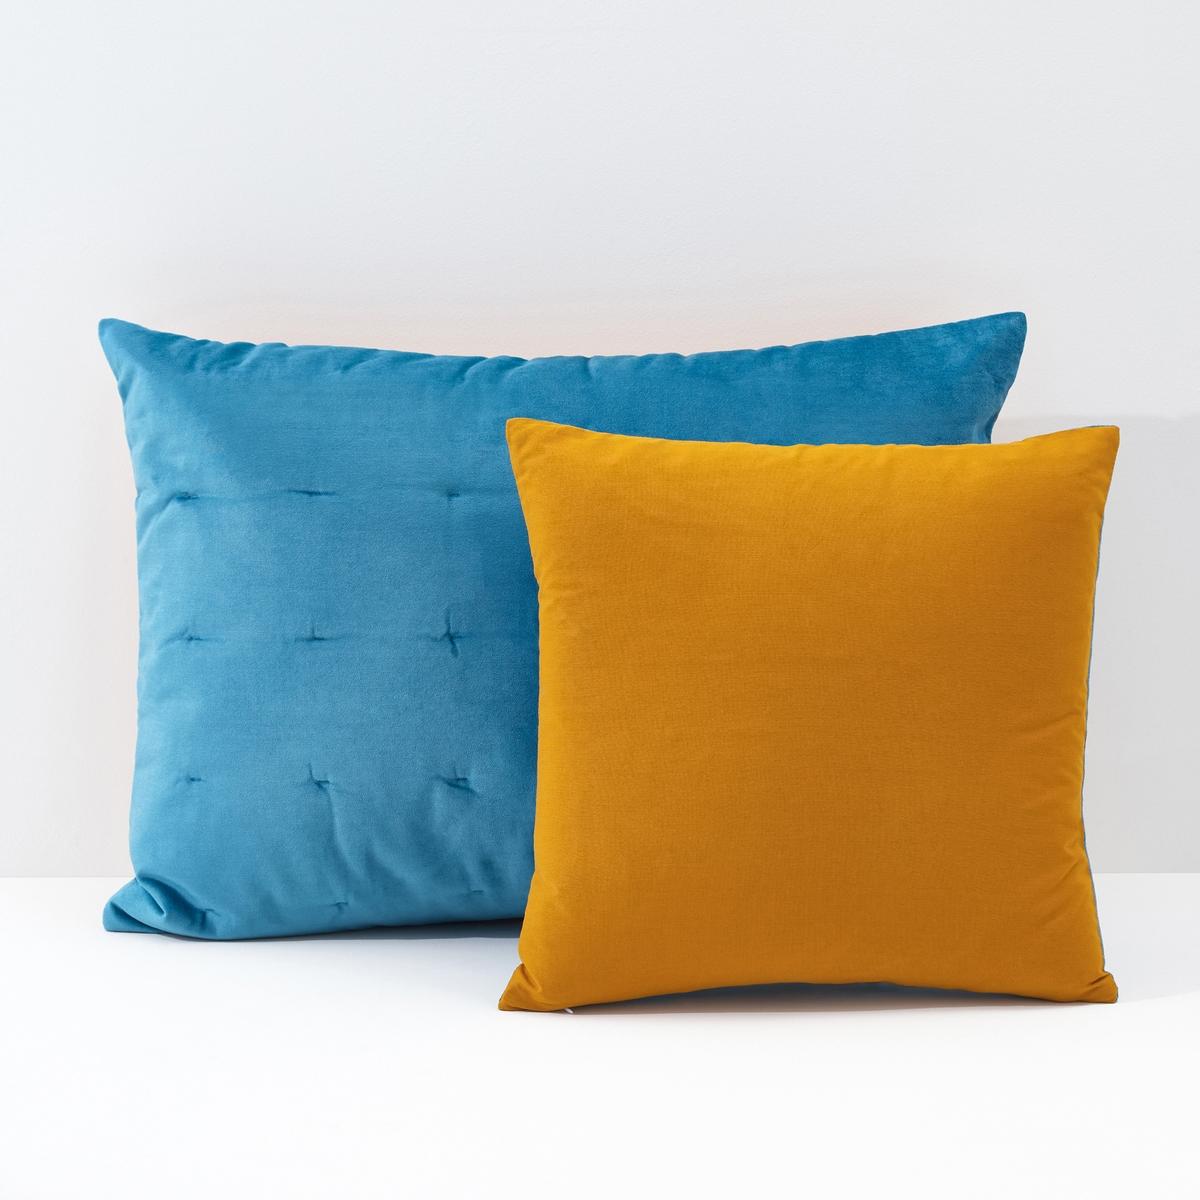 Чехол для подушки, Damya